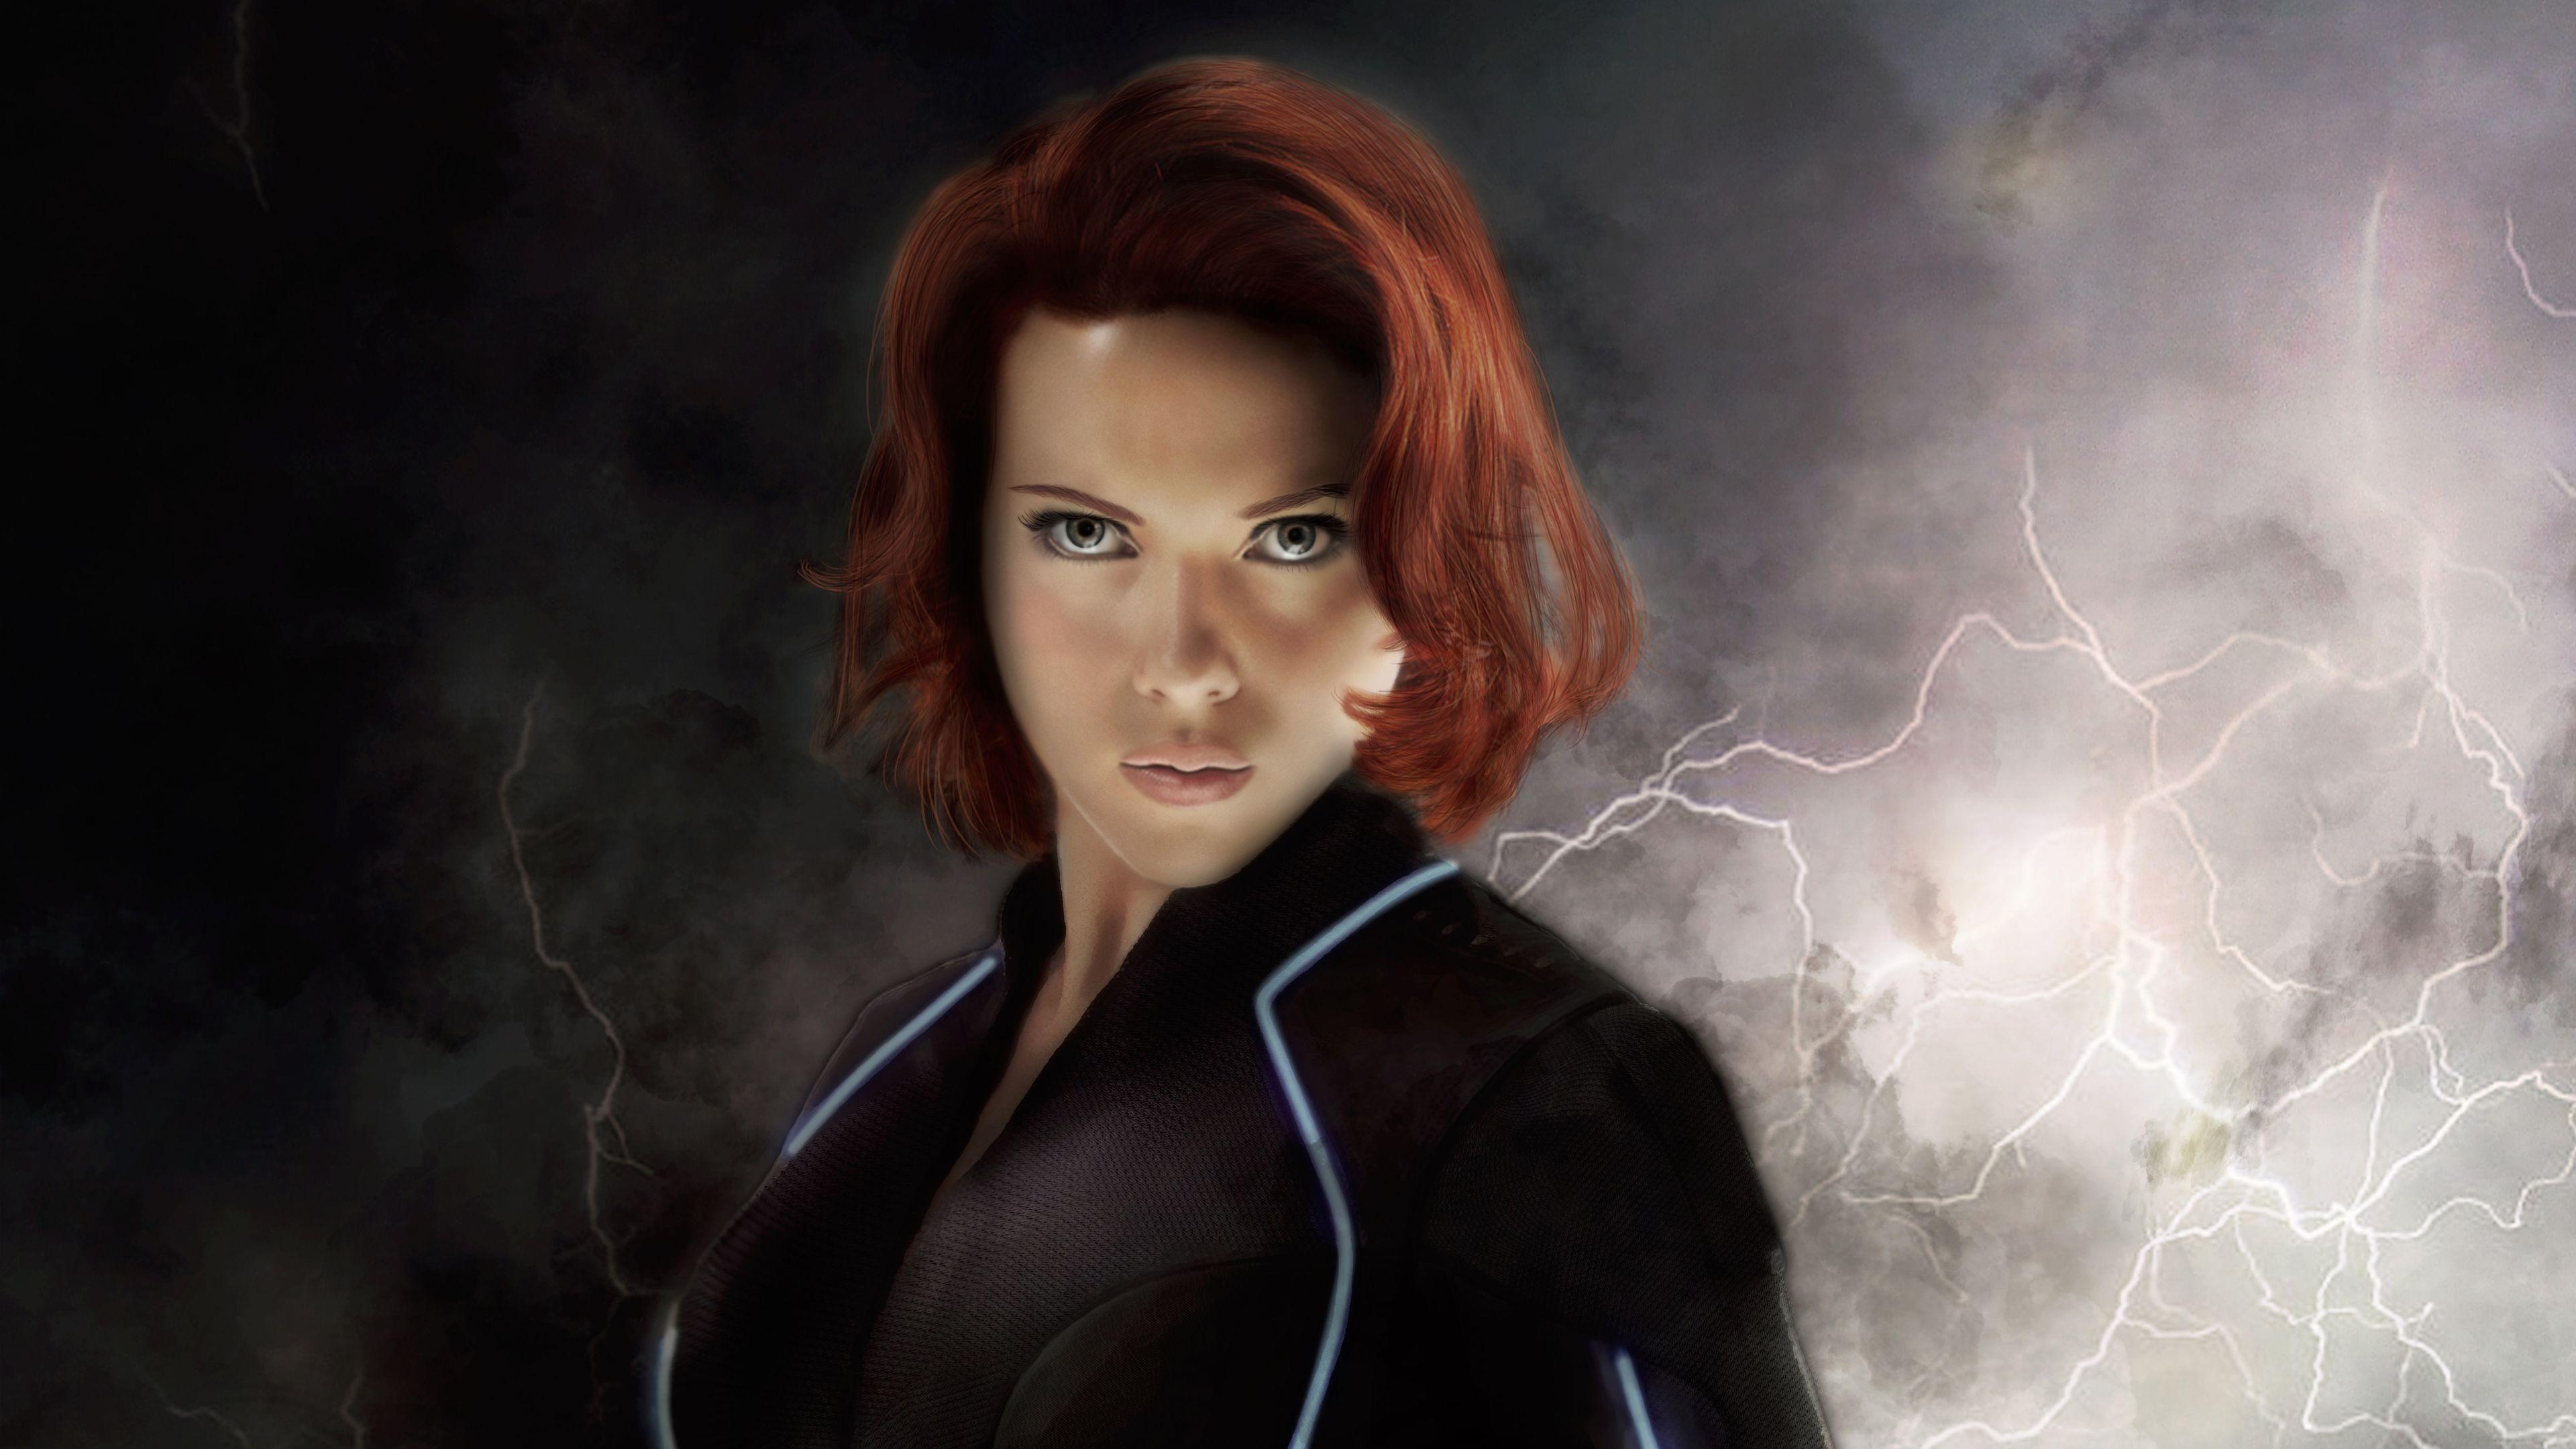 Black Widow Art 4k Superheroes Wallpapers Scarlett